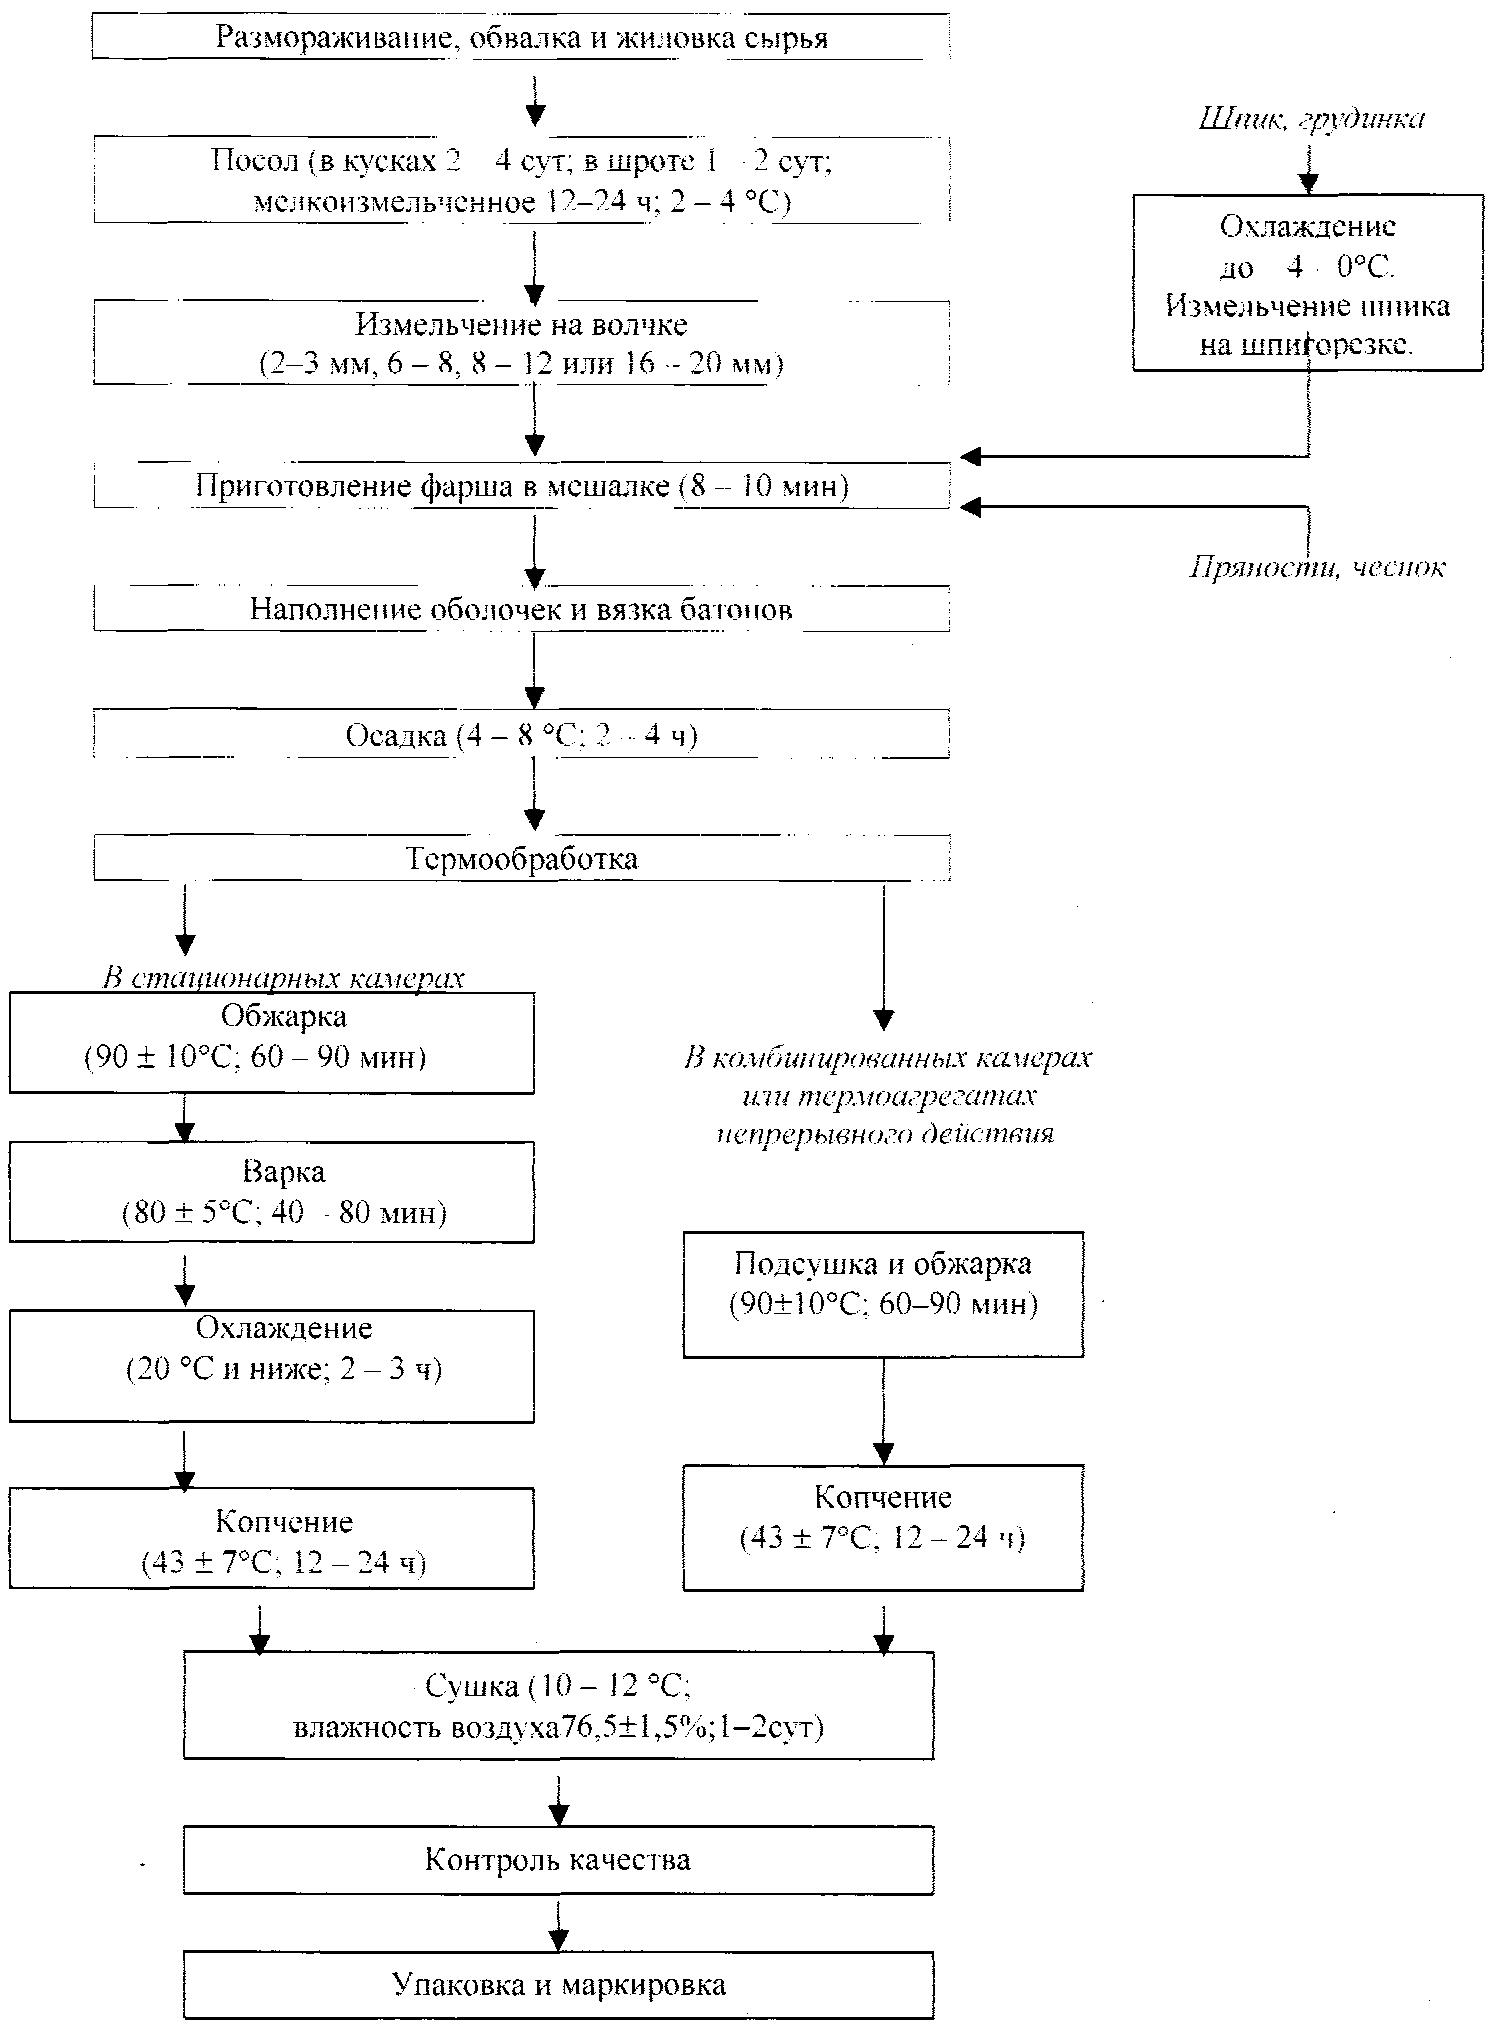 Технологическая схема производства крупы фото 190